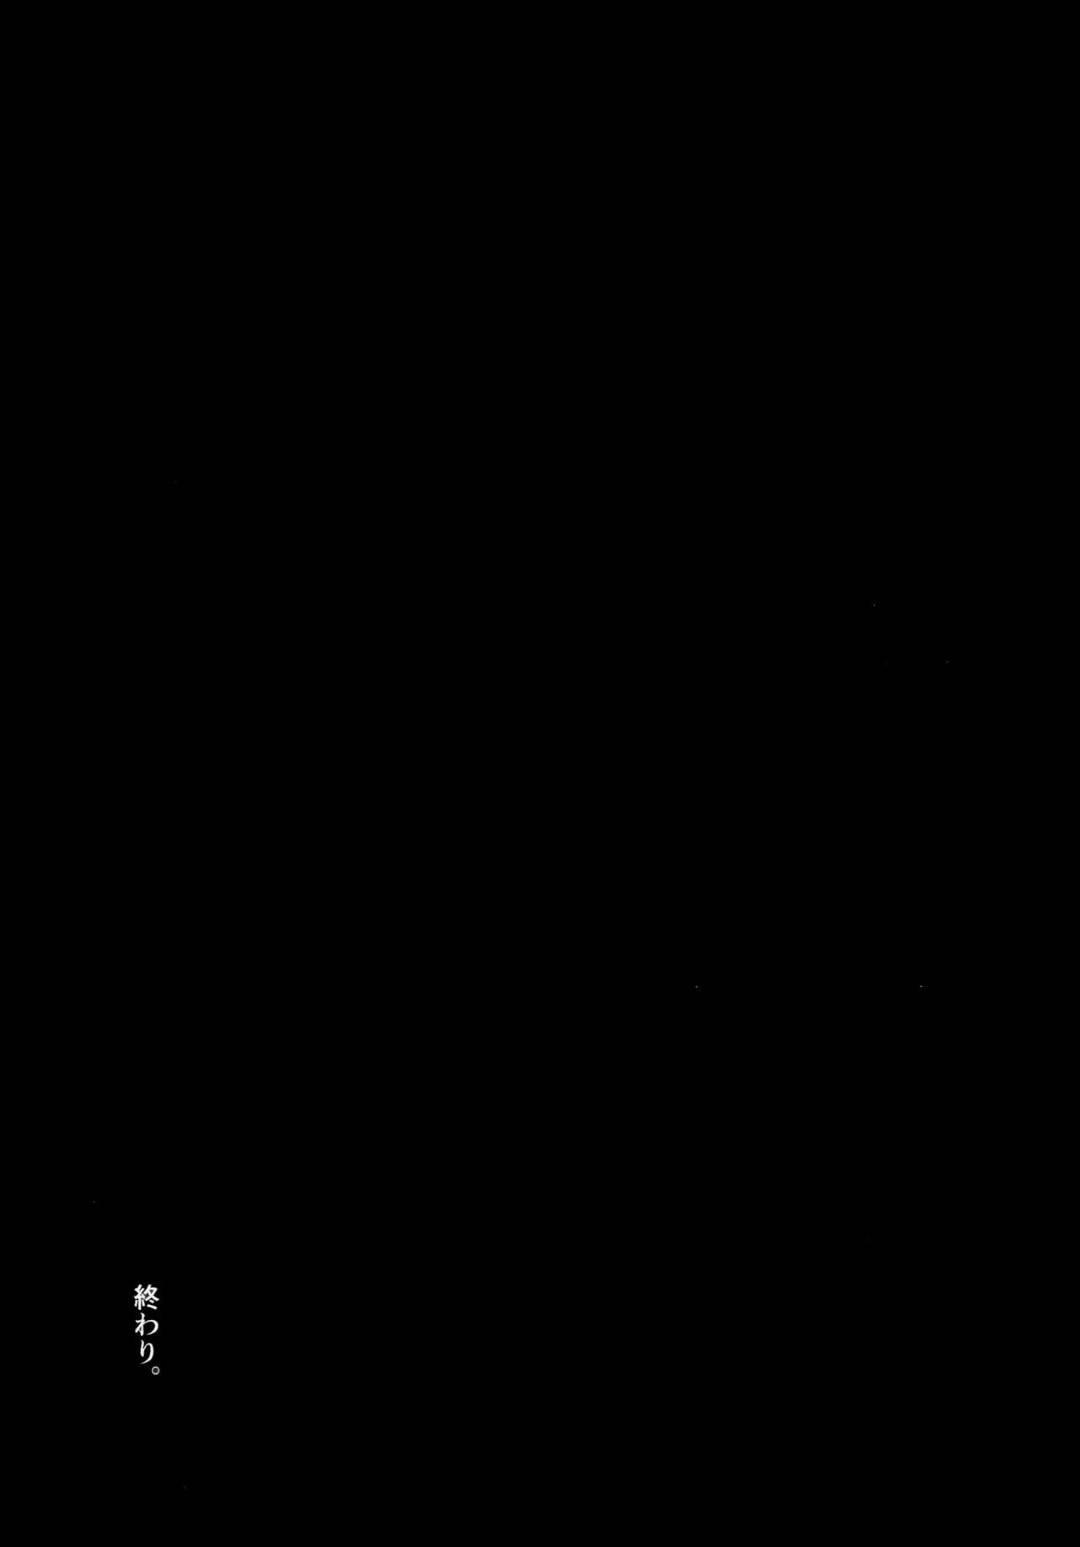 【エロ同人誌】男一人しかいない家を訪れる巨乳女…男と遭うやキスして部屋に移動して中出しイチャラブSEXで孤独を満たす!【7zu7:魚心アレバ水心。】